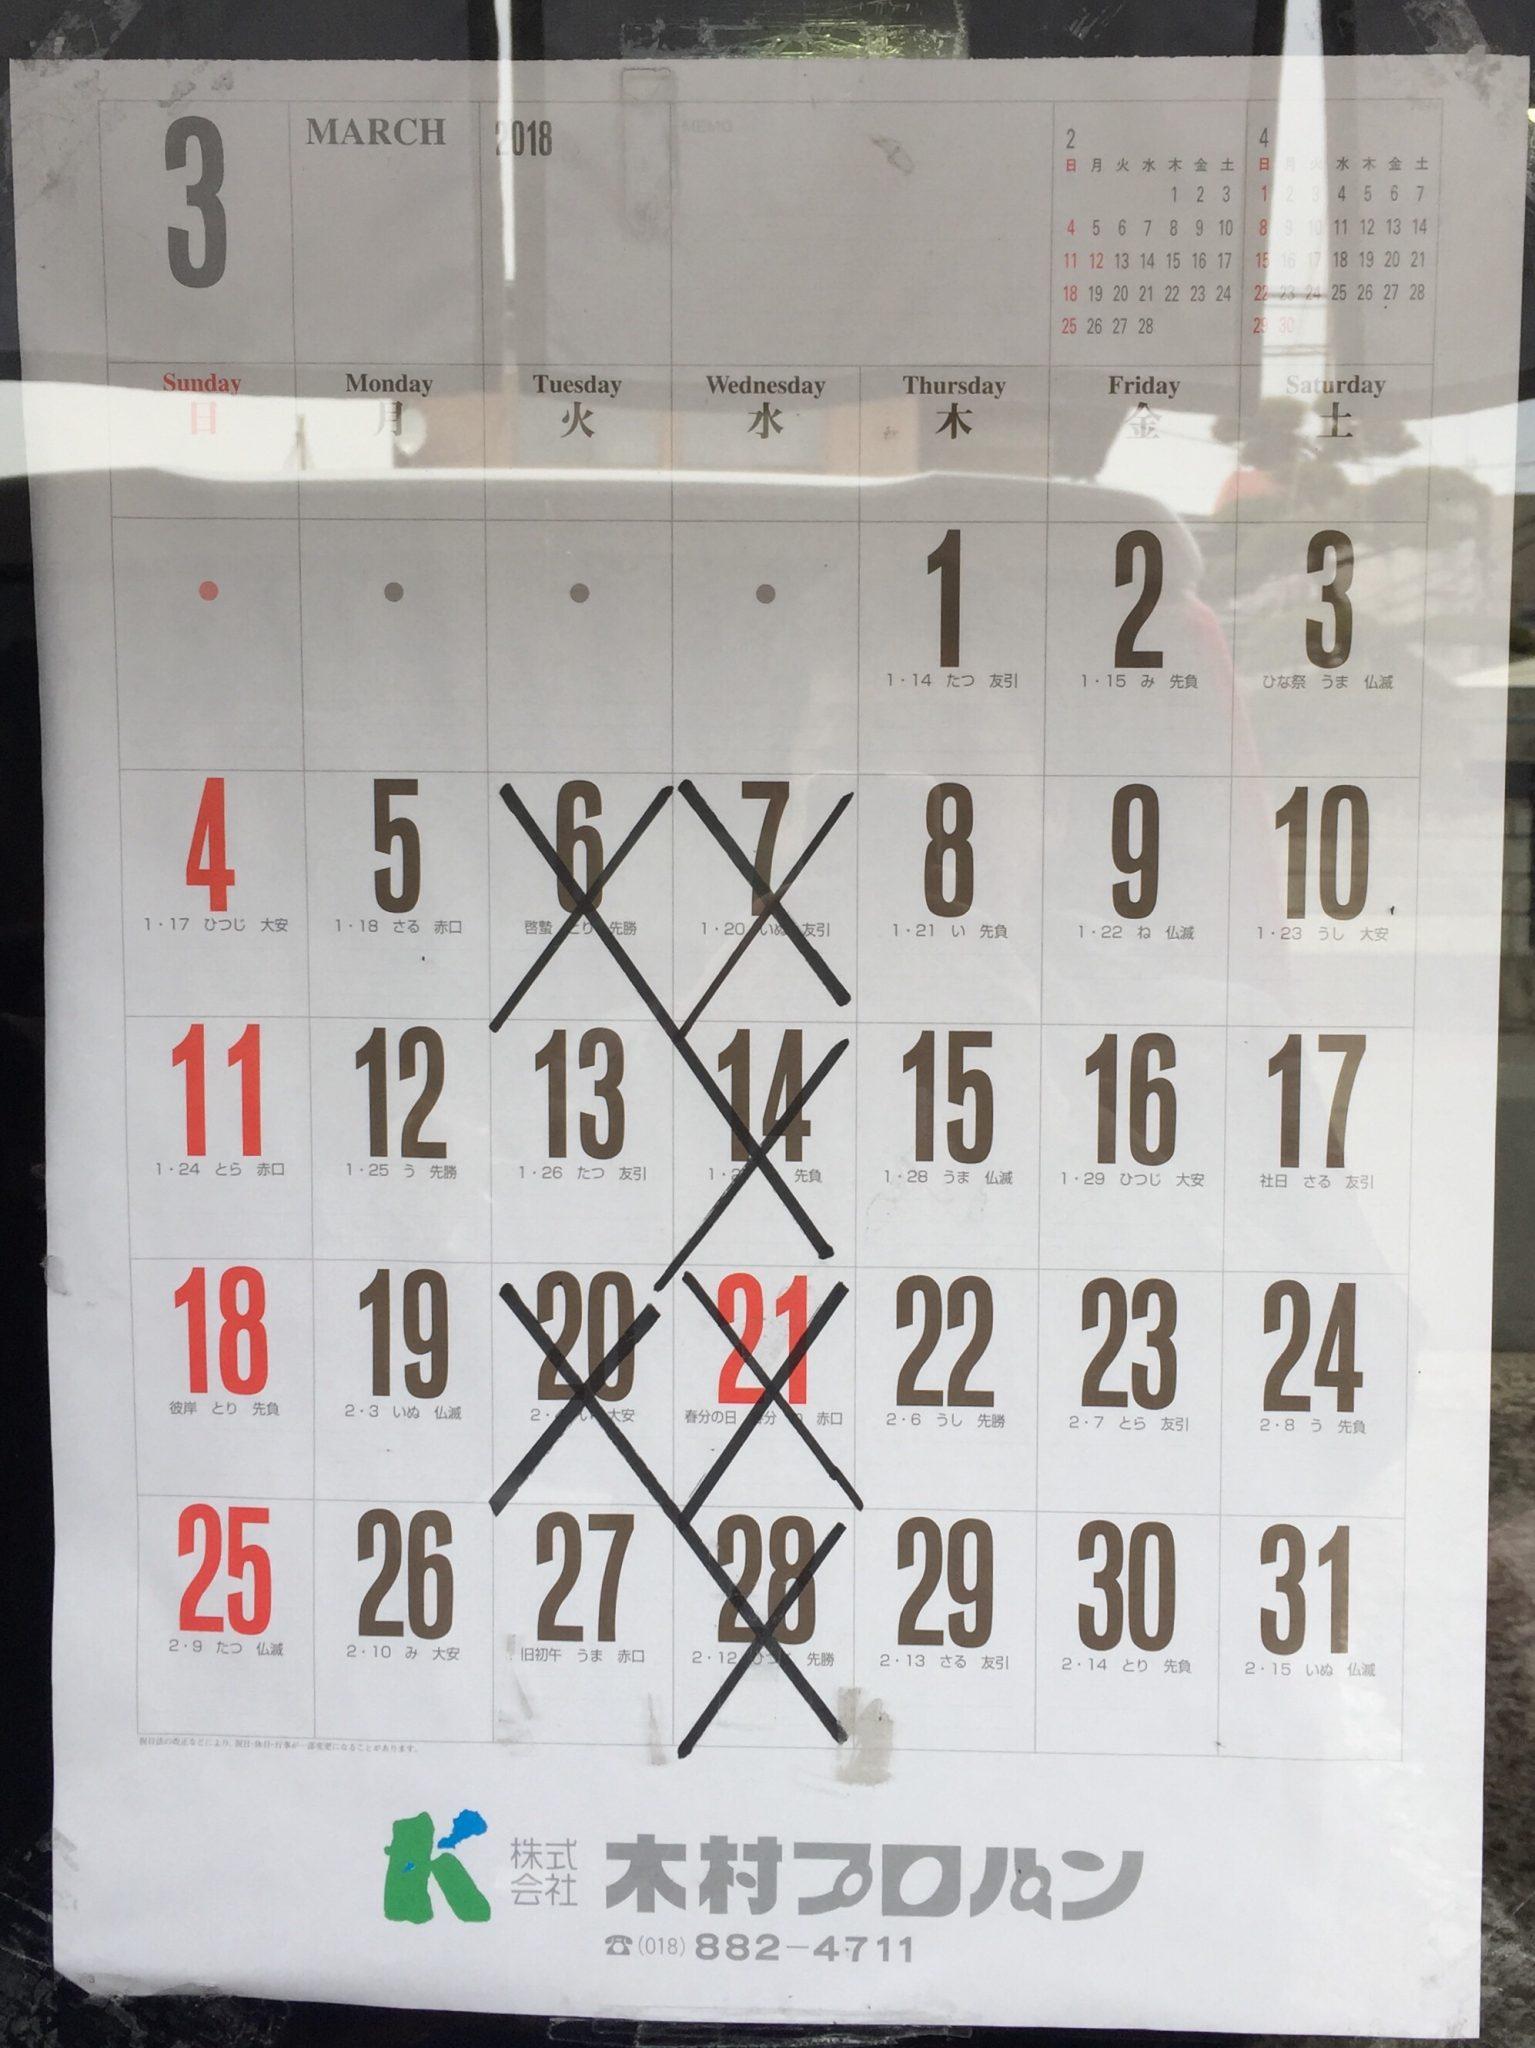 らーめん萬亀 定休日 営業カレンダー